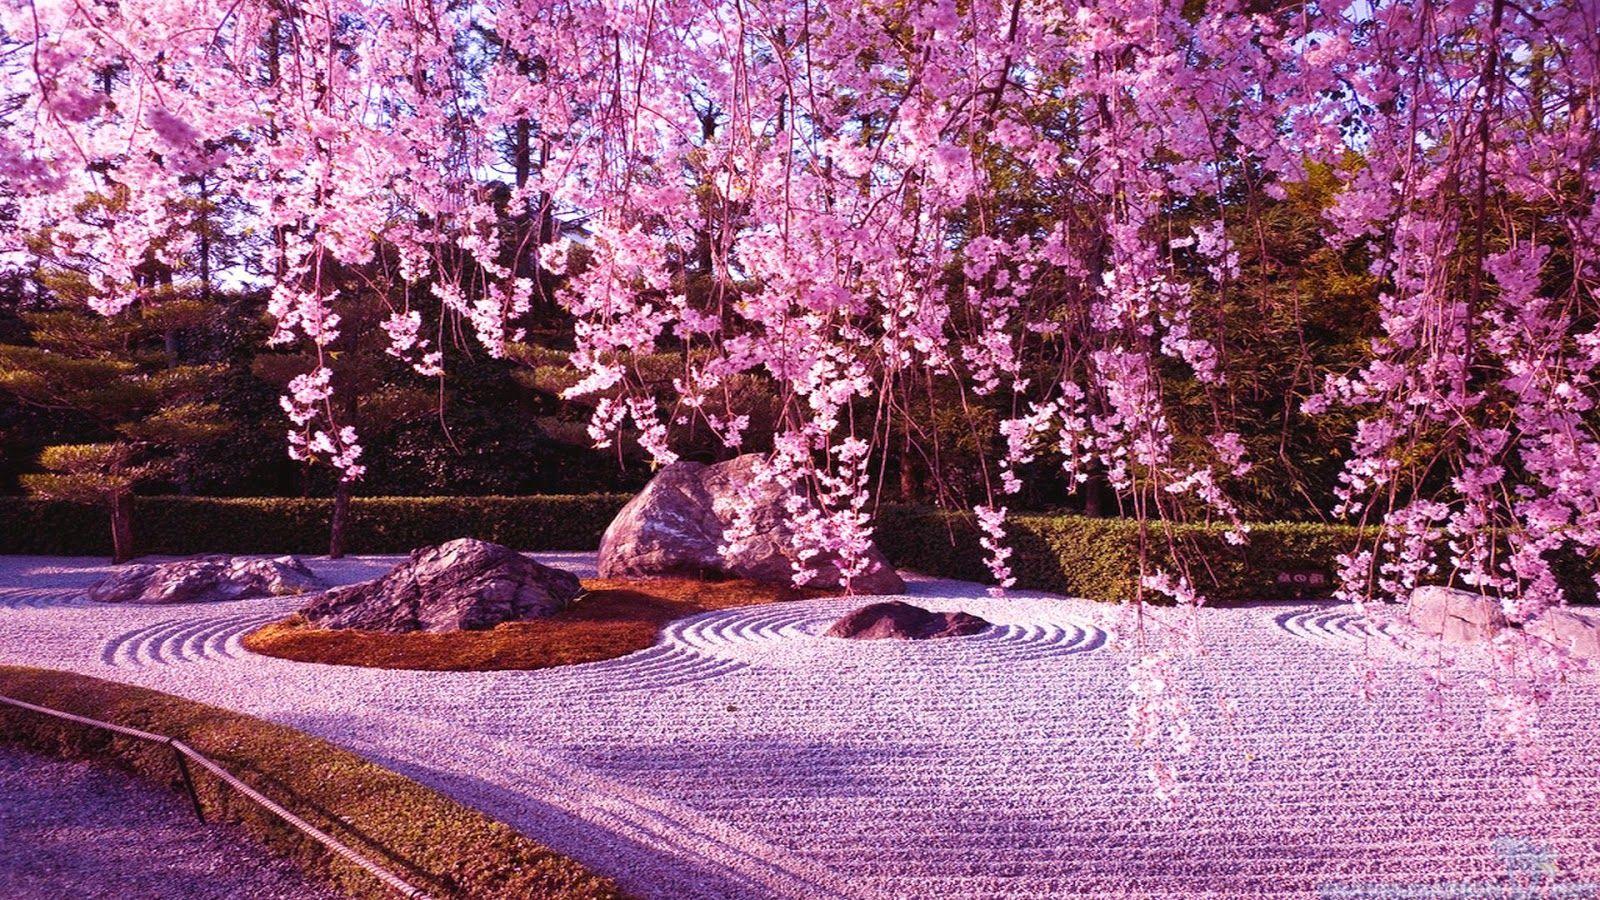 Japanese Cherry Blossom Garden Wallpaper Cherry Blossom Wallpaper Anime Cherry Blossom Blossom Garden